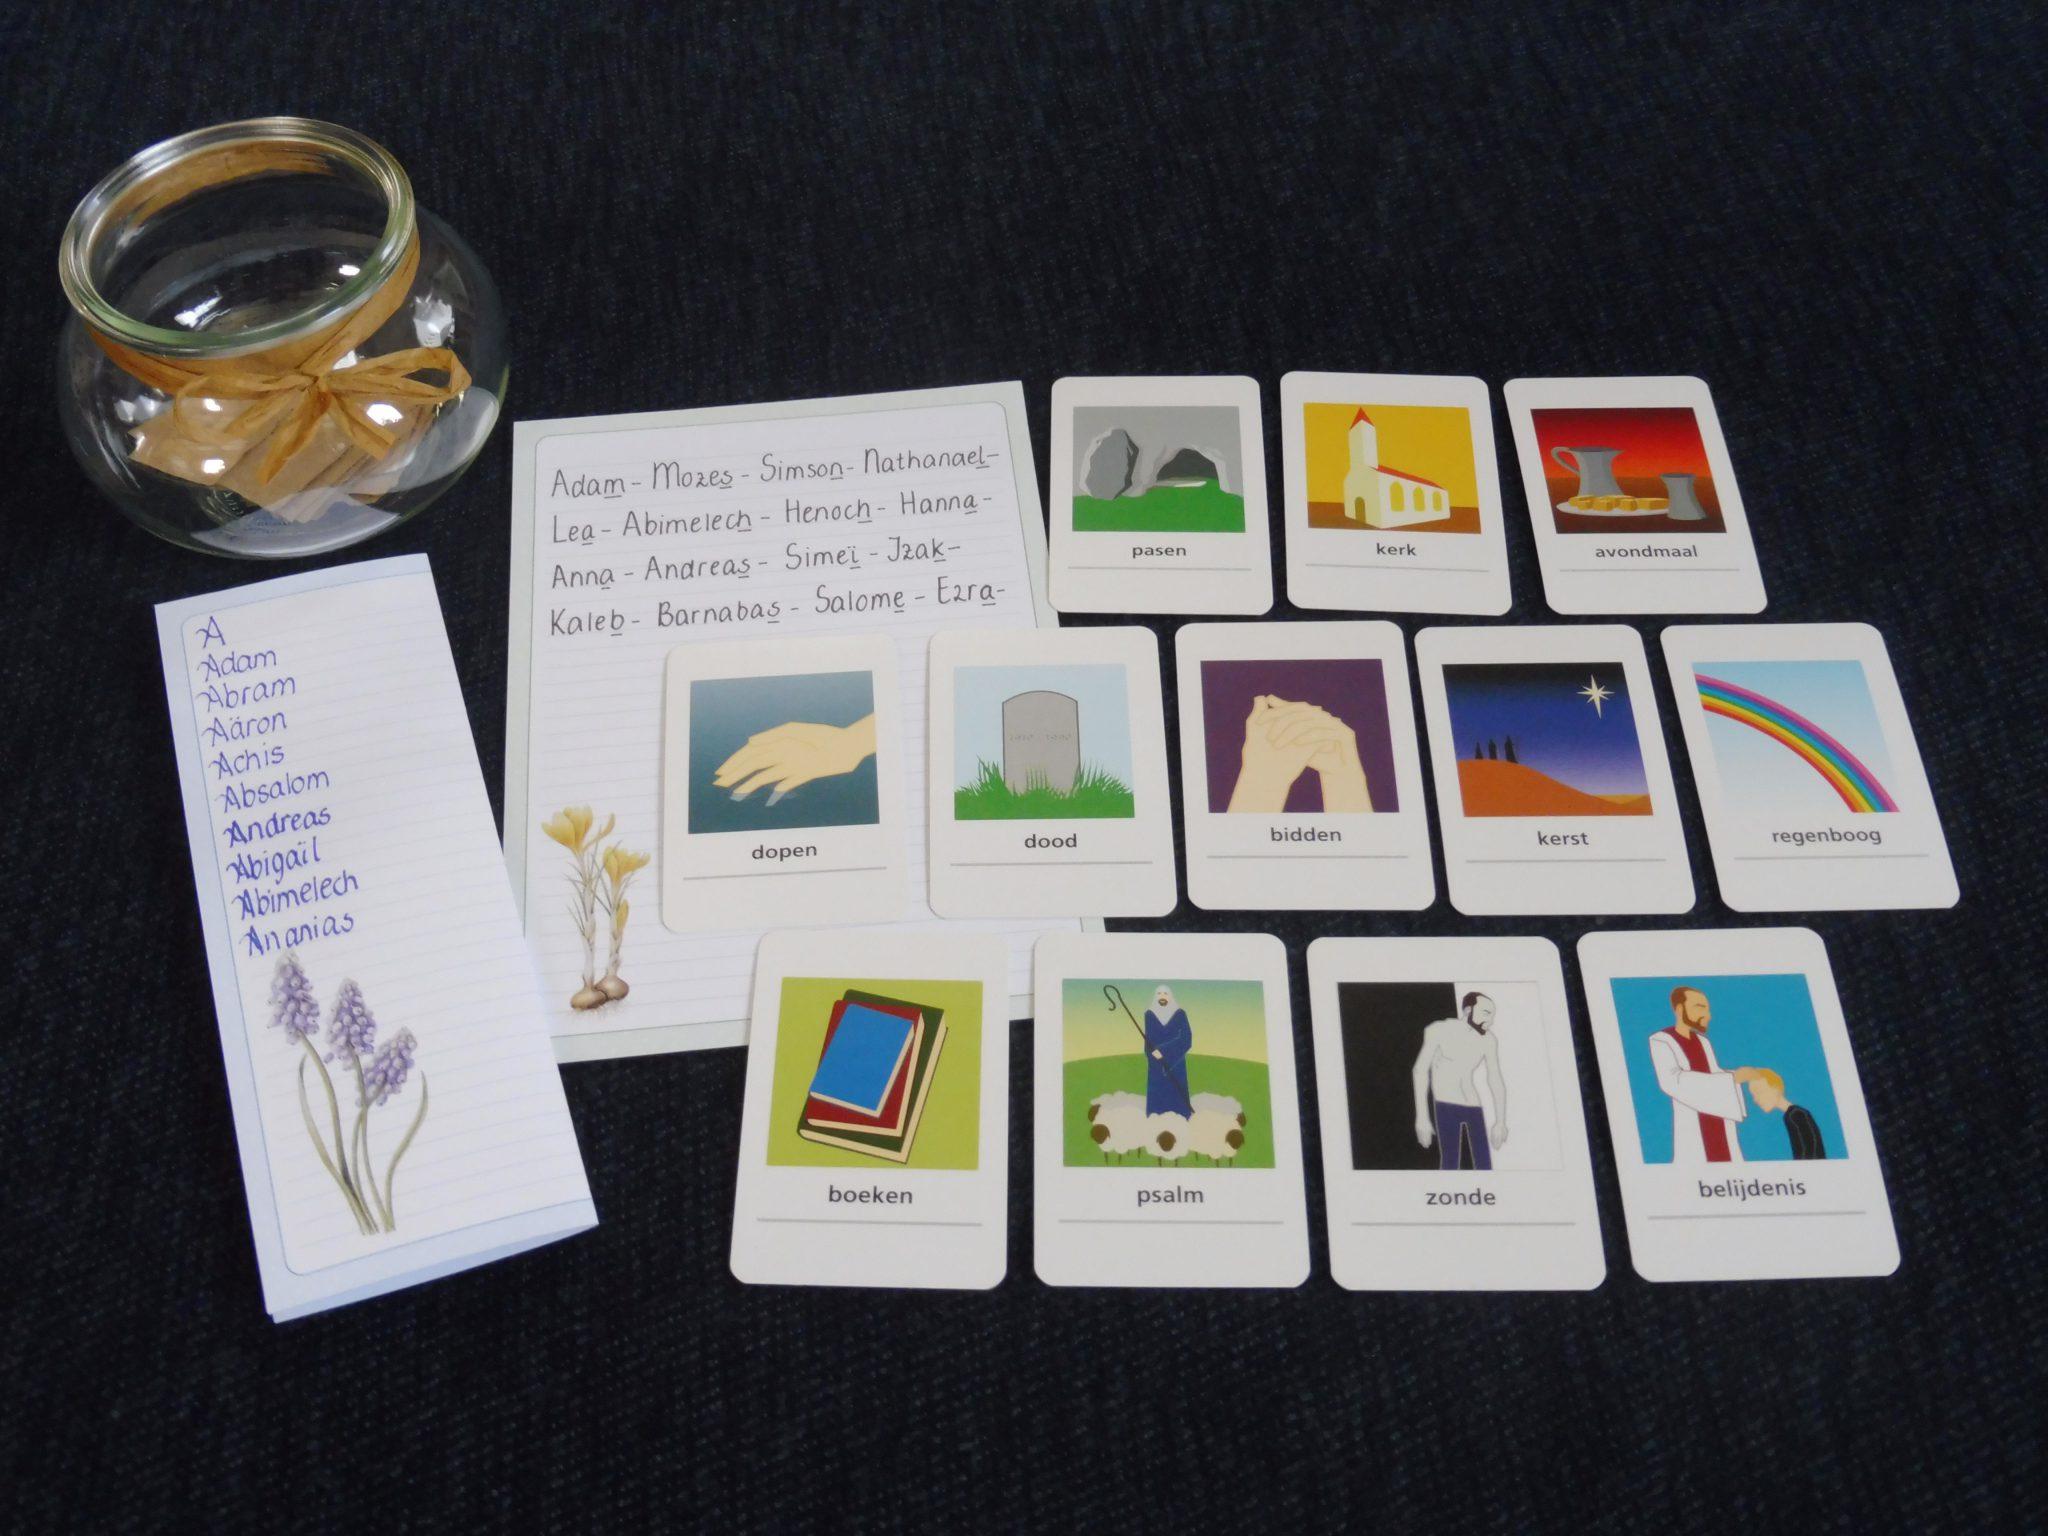 Nieuw Tip Bijbelse spellen maken – Bijbels Opvoeden.nl QZ-26